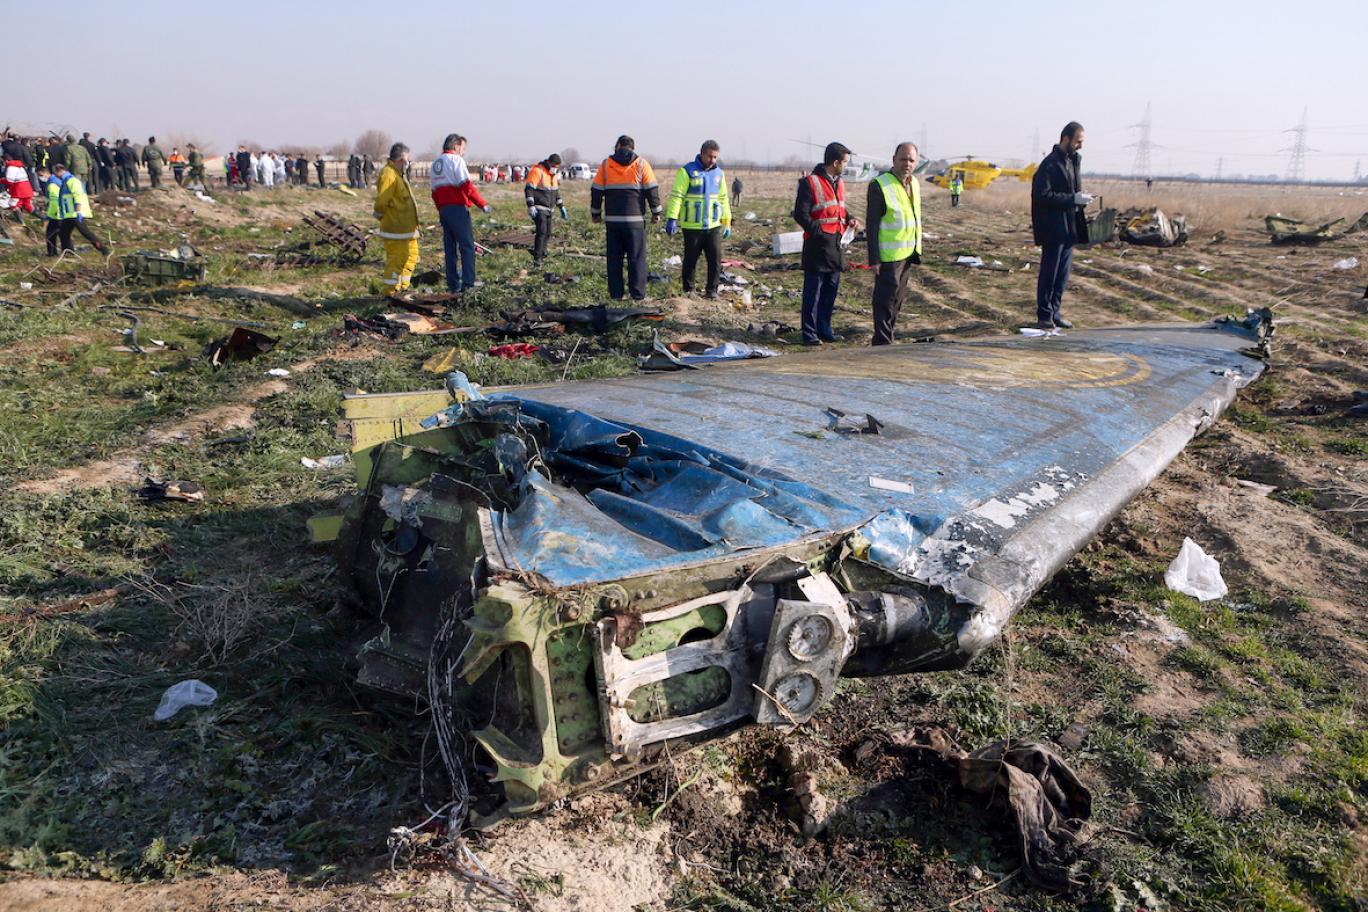 علت سرنگونی هواپیما اشتباه در سامانه موشک بود